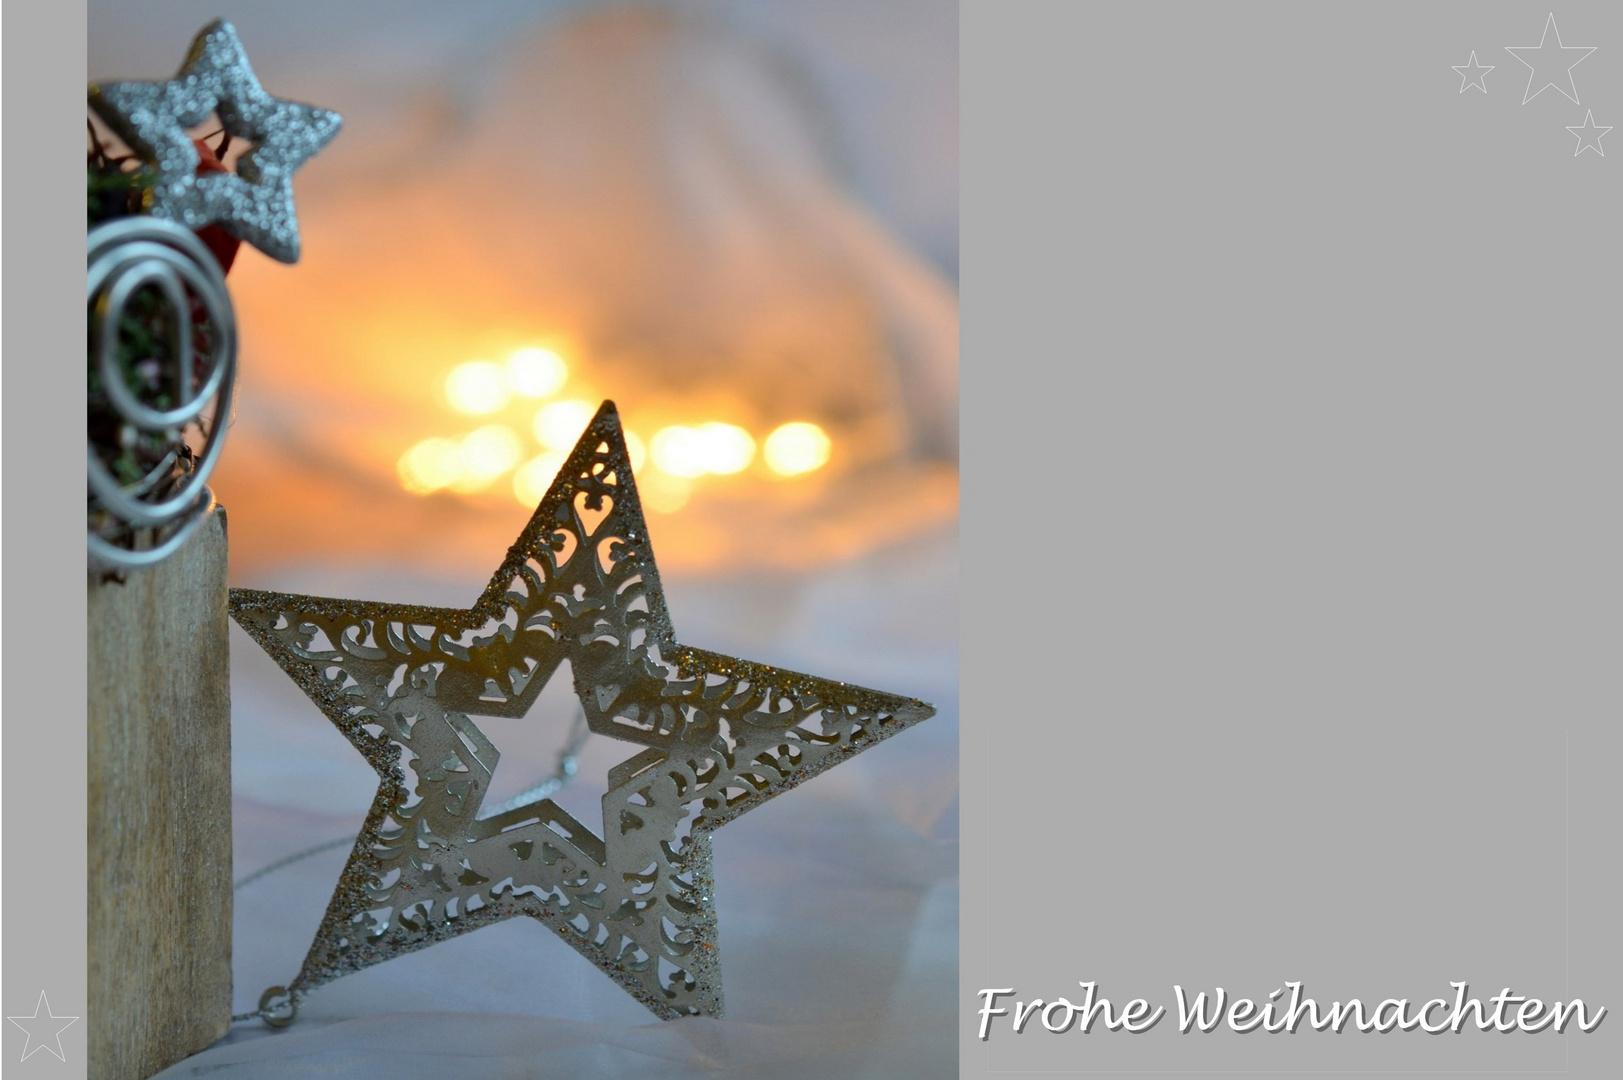 Frohe Weihnachten Foto & Bild | karten und kalender ...